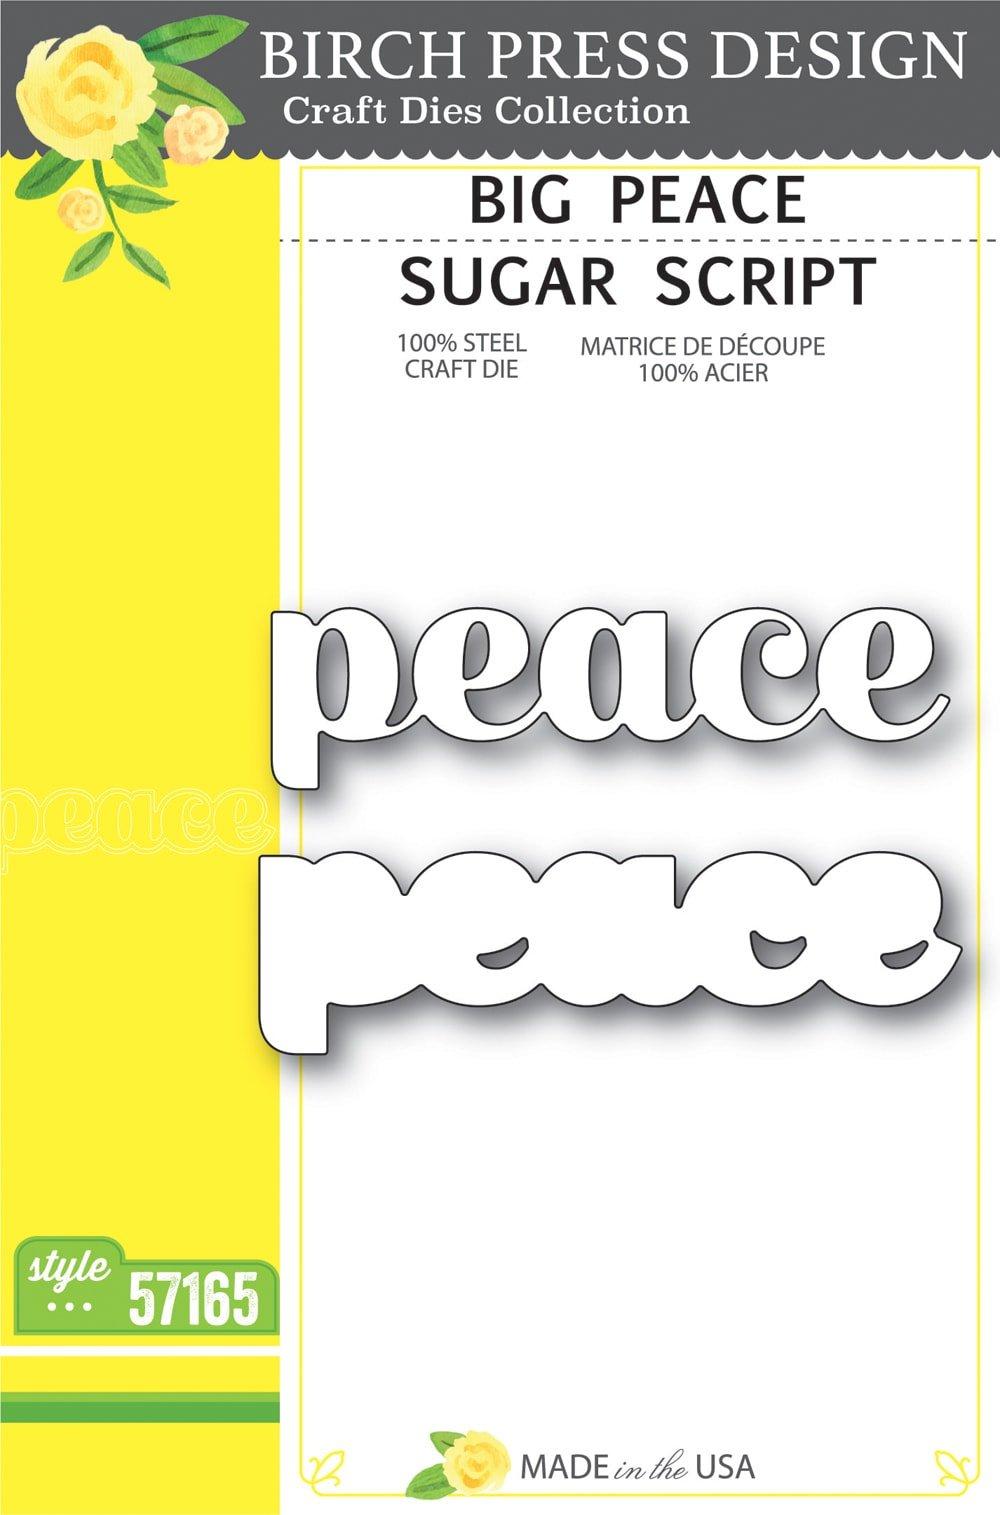 Birch Press Design - Big Peace Sugar Script Die